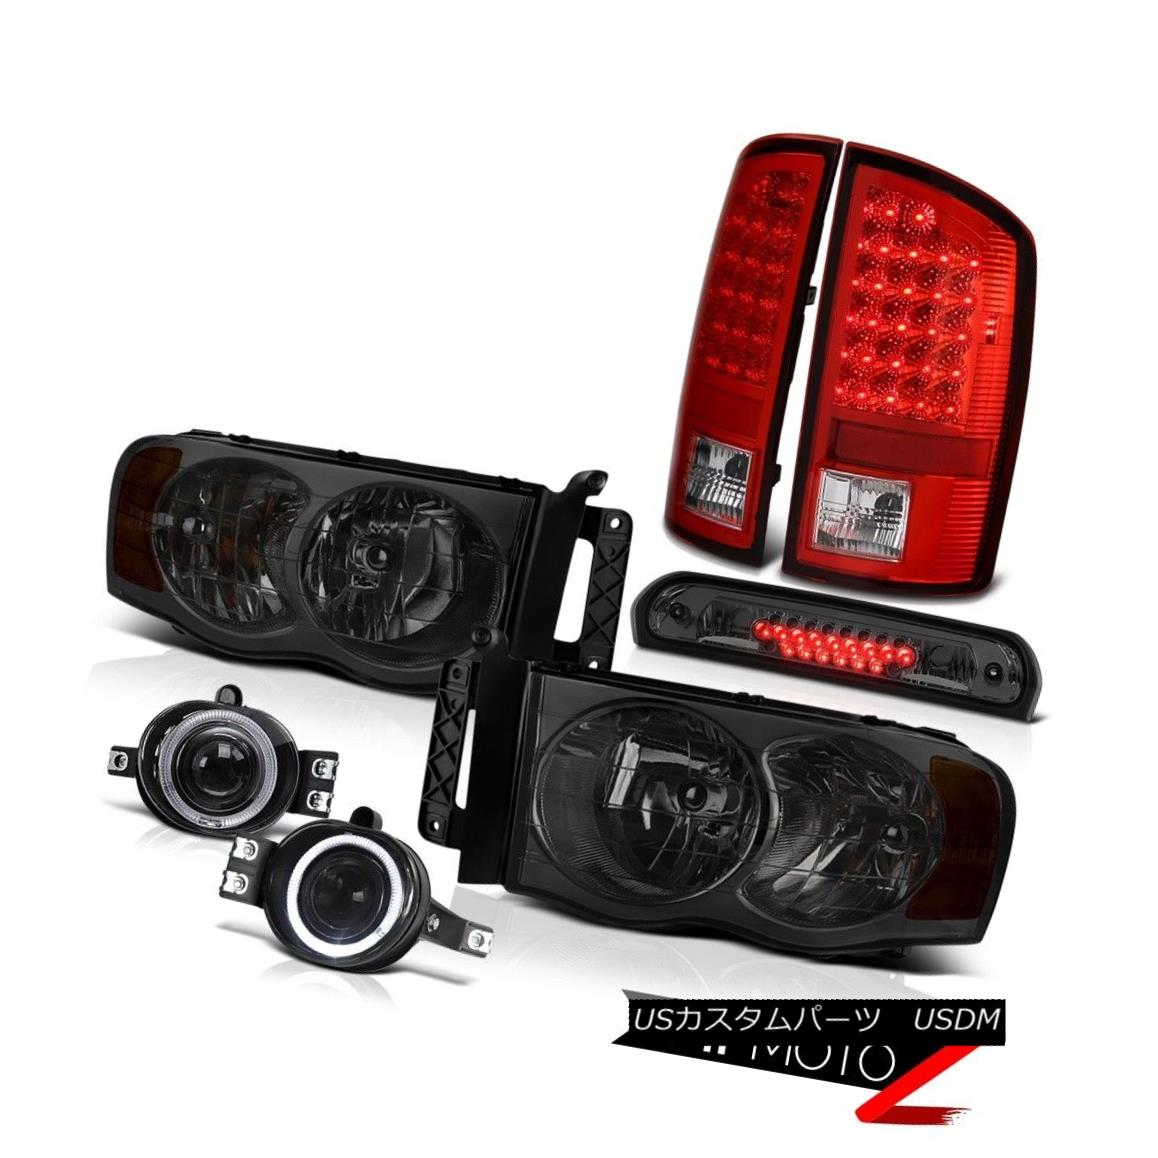 ヘッドライト 02 03 04 05 Ram ST Tinted Headlights L+R LH+RH LED Tail Lights Projector Fog 3rd 02 03 04 05 Ram ST着色ヘッドライトL + R LH + RH LEDテールライトプロジェクターフォグ3rd